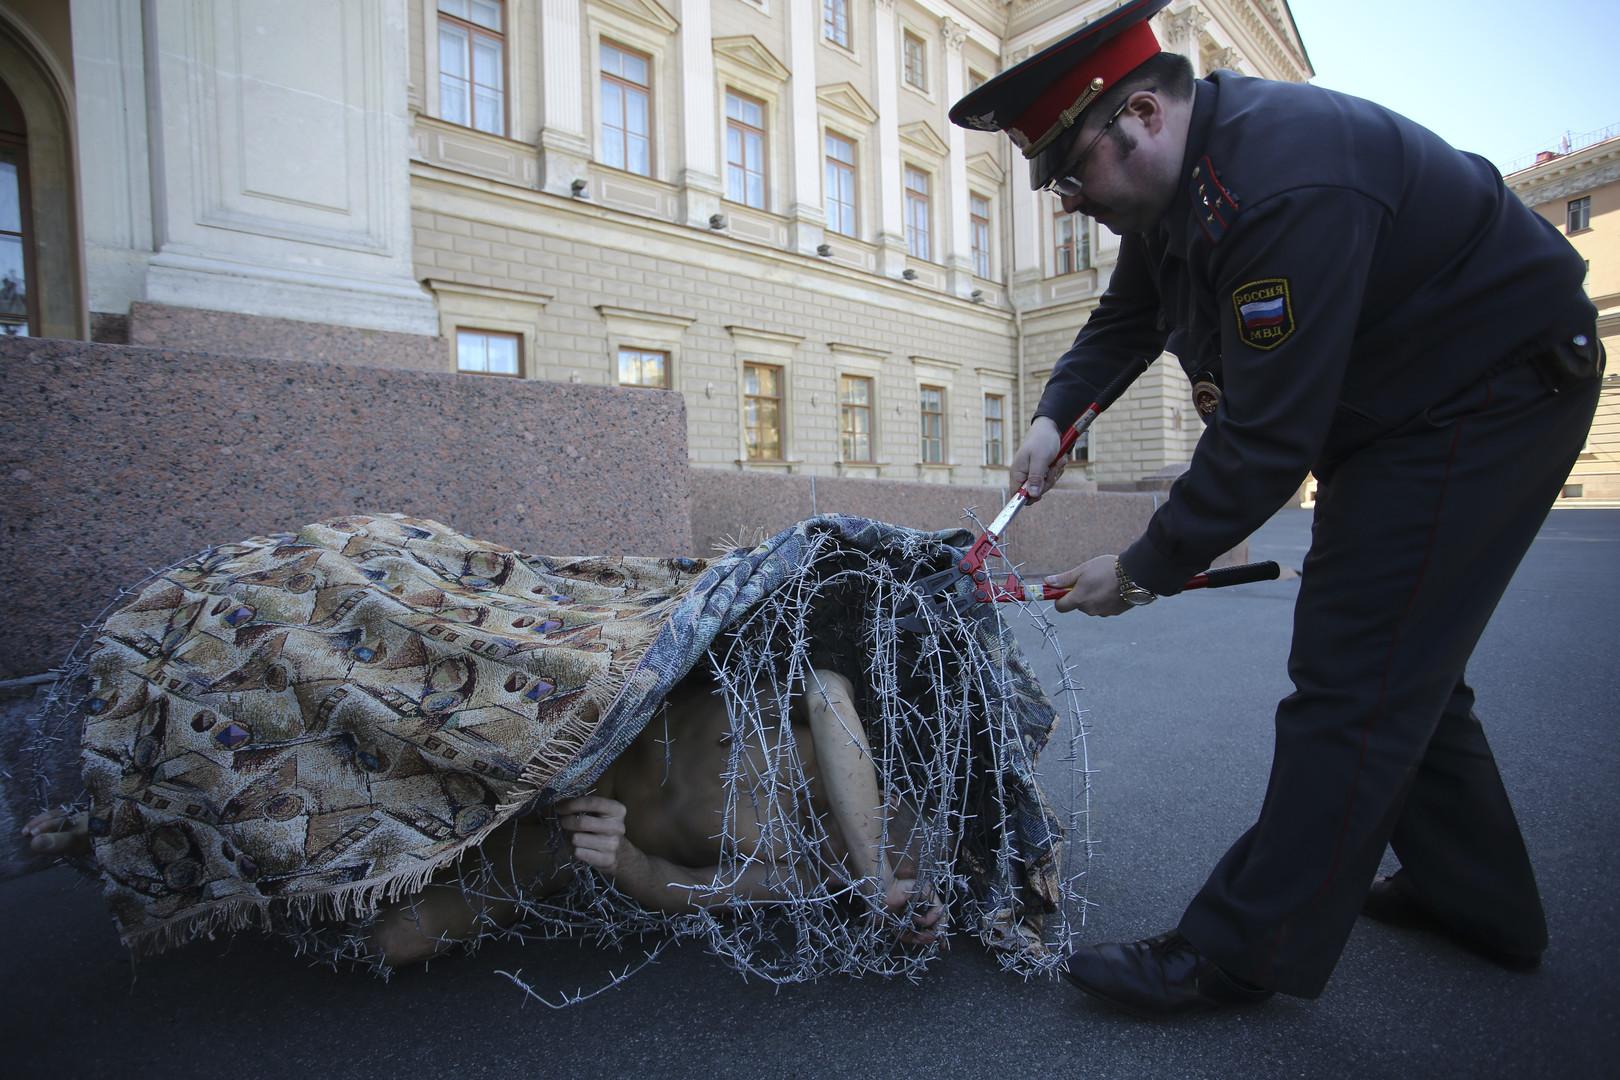 L'artiste russe controversé Piotr Pavlenski souhaite demander l'asile politique en France